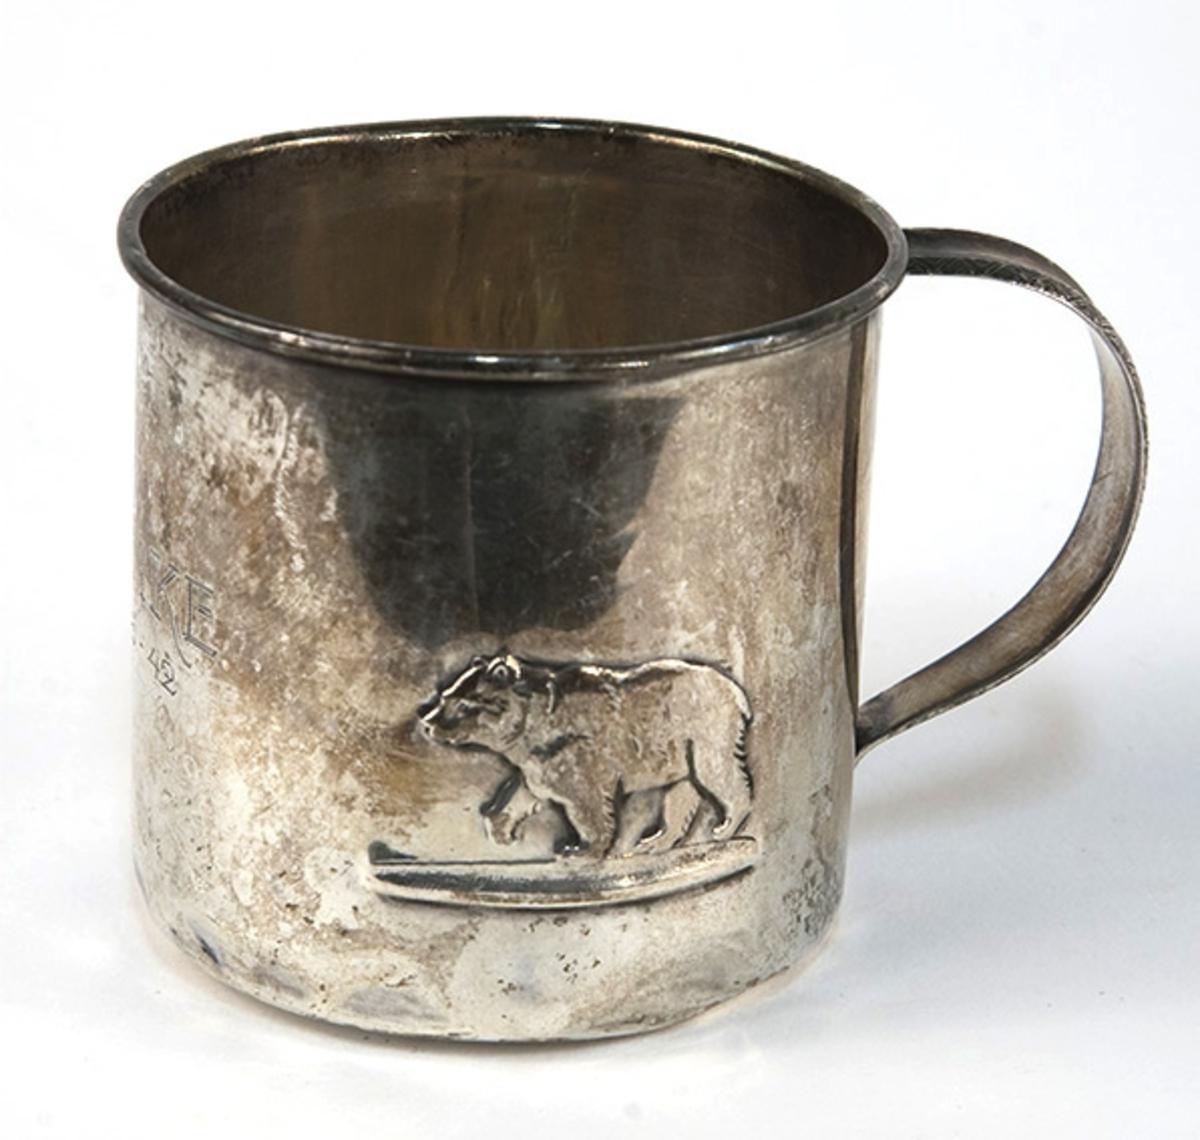 Dåpskrus. Dyrefigurer på siden. Gravert tekst Venke 17-5-42. Sølv eller sølvplett. To utydelige stempler.